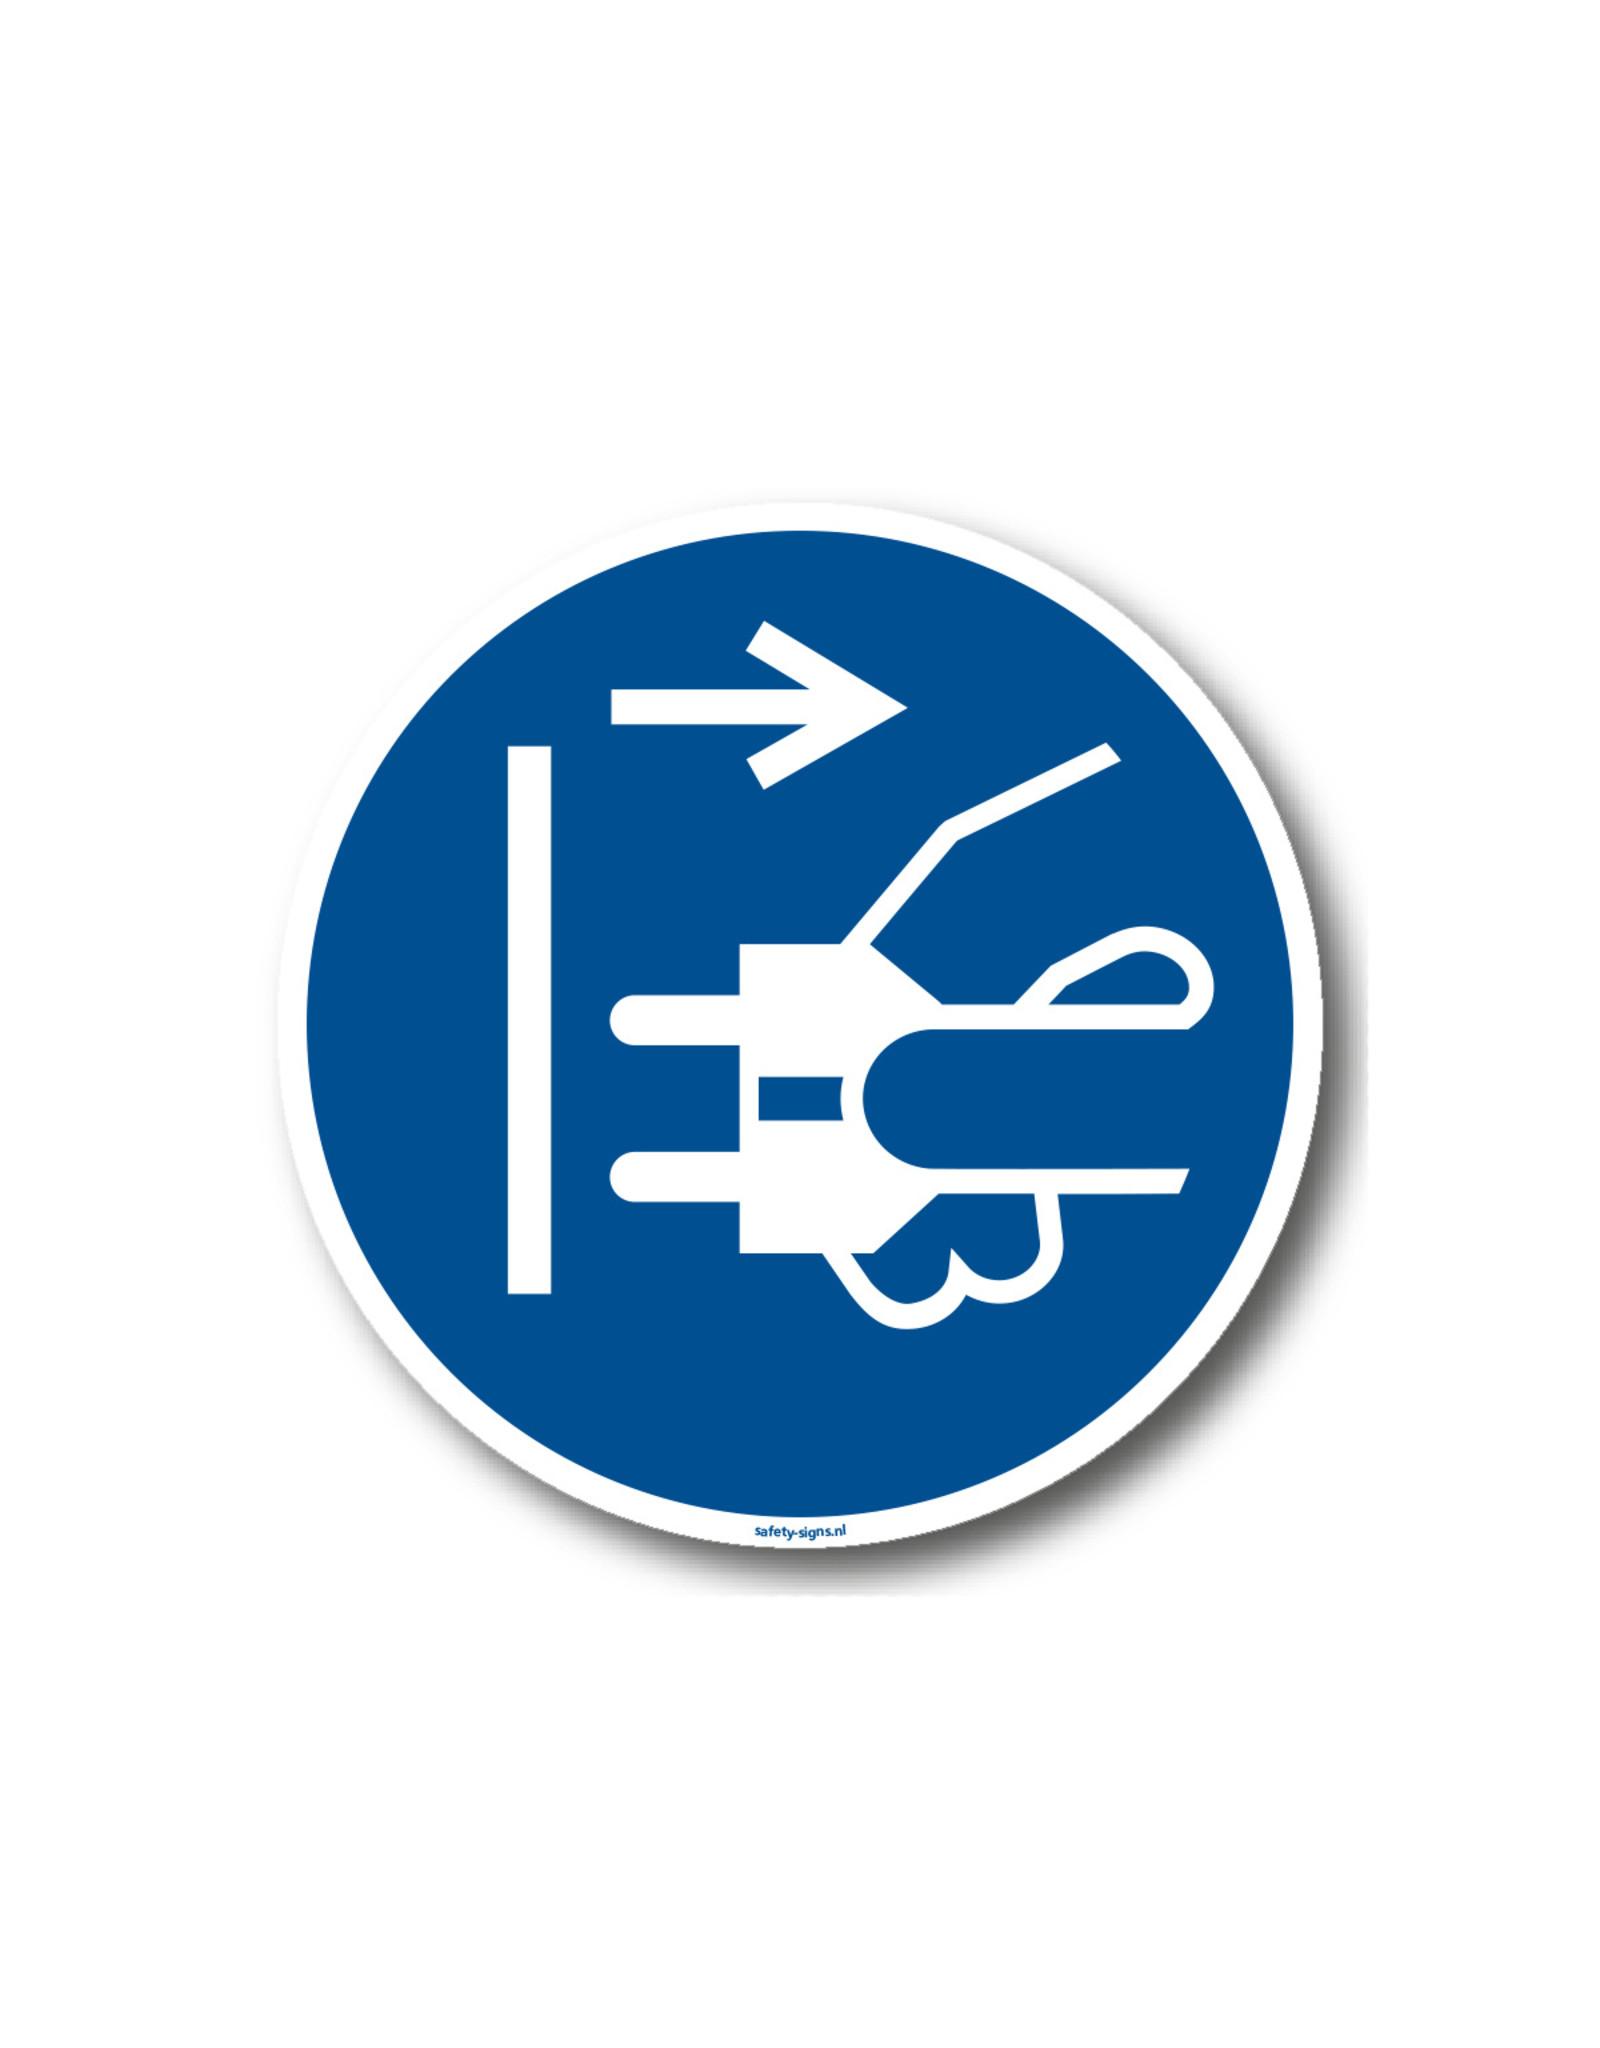 BrouwerSign Pictogram - M006 - Voor het openen stekker uit stopcontact trekken - ISO 7010